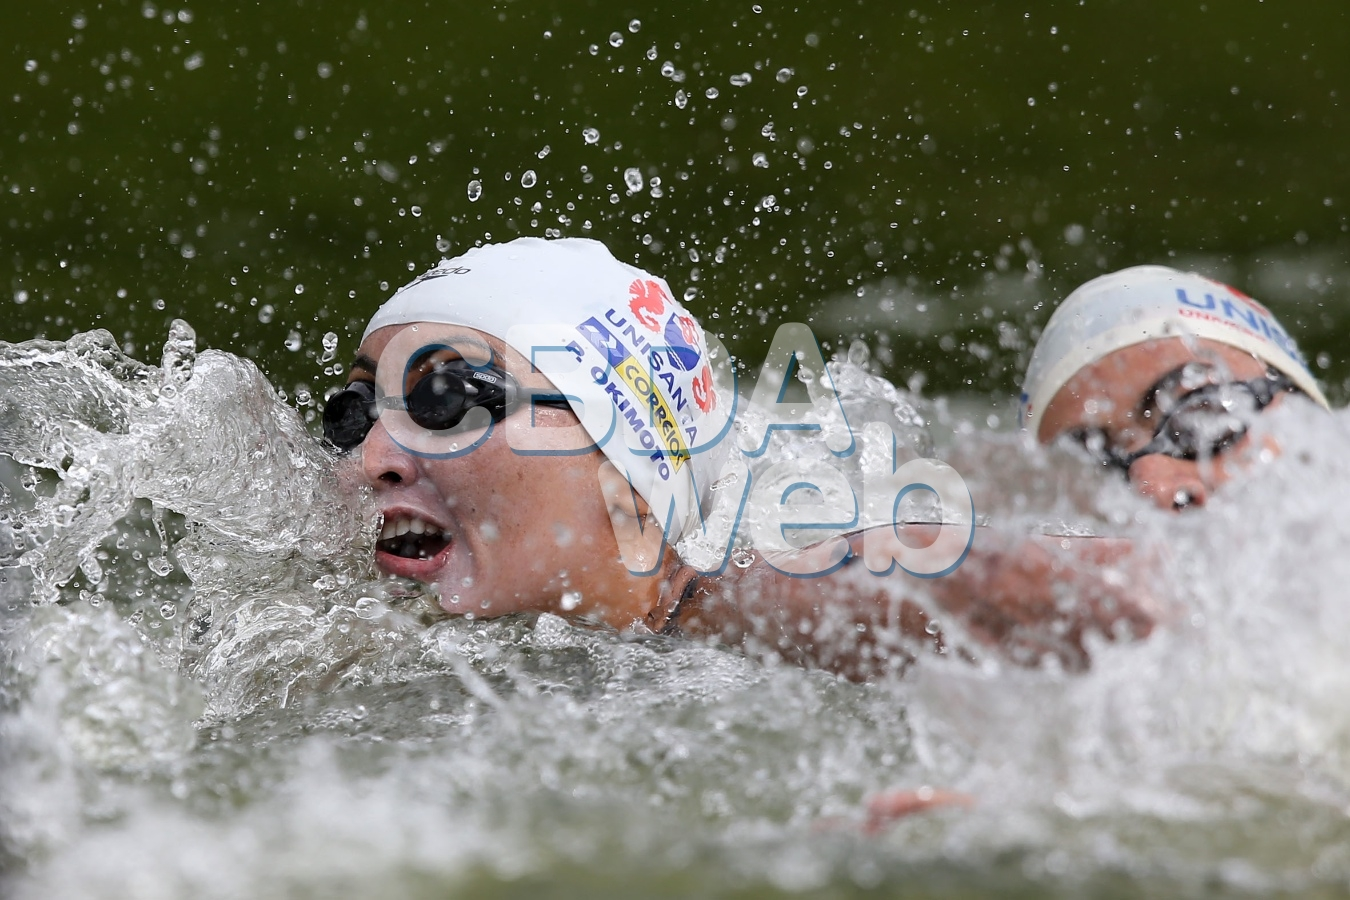 Poliana Okimoto. 54º Trofeu Maria Lenk de Maratonas Aquaticas na raia Olimpica da USP. 26 de abril de 2014, Sao Paulo, SP, Brasil. Foto: Satiro Sodre/SSPress